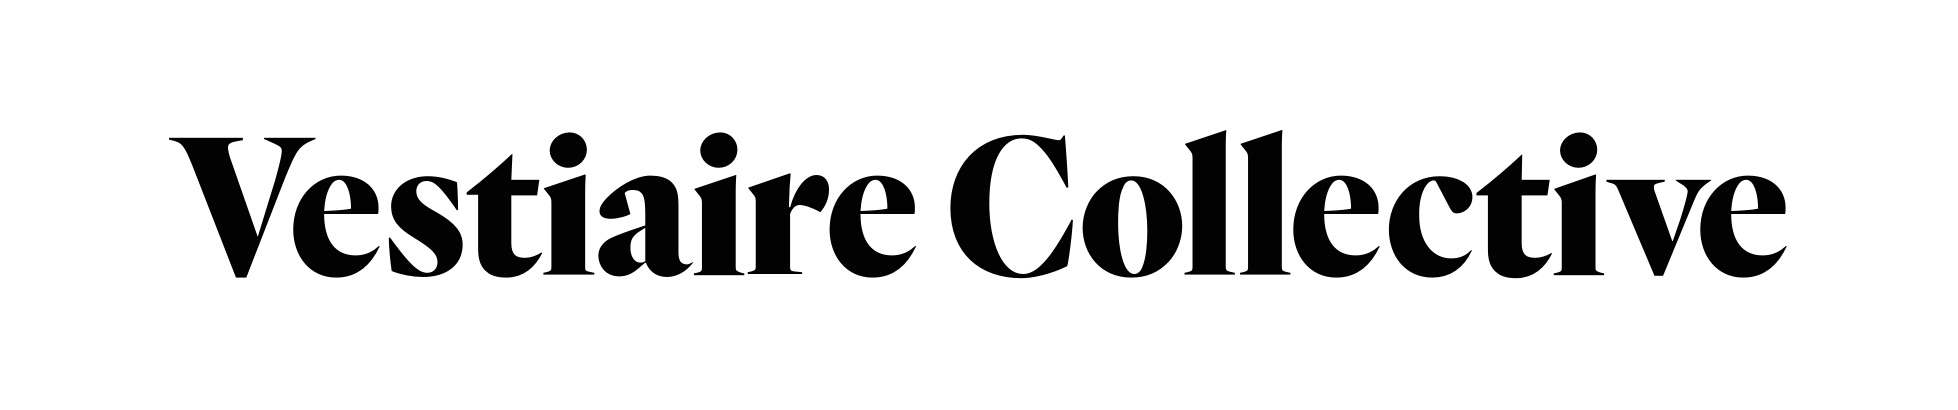 Resultado de imagen de vestiaire collective logo